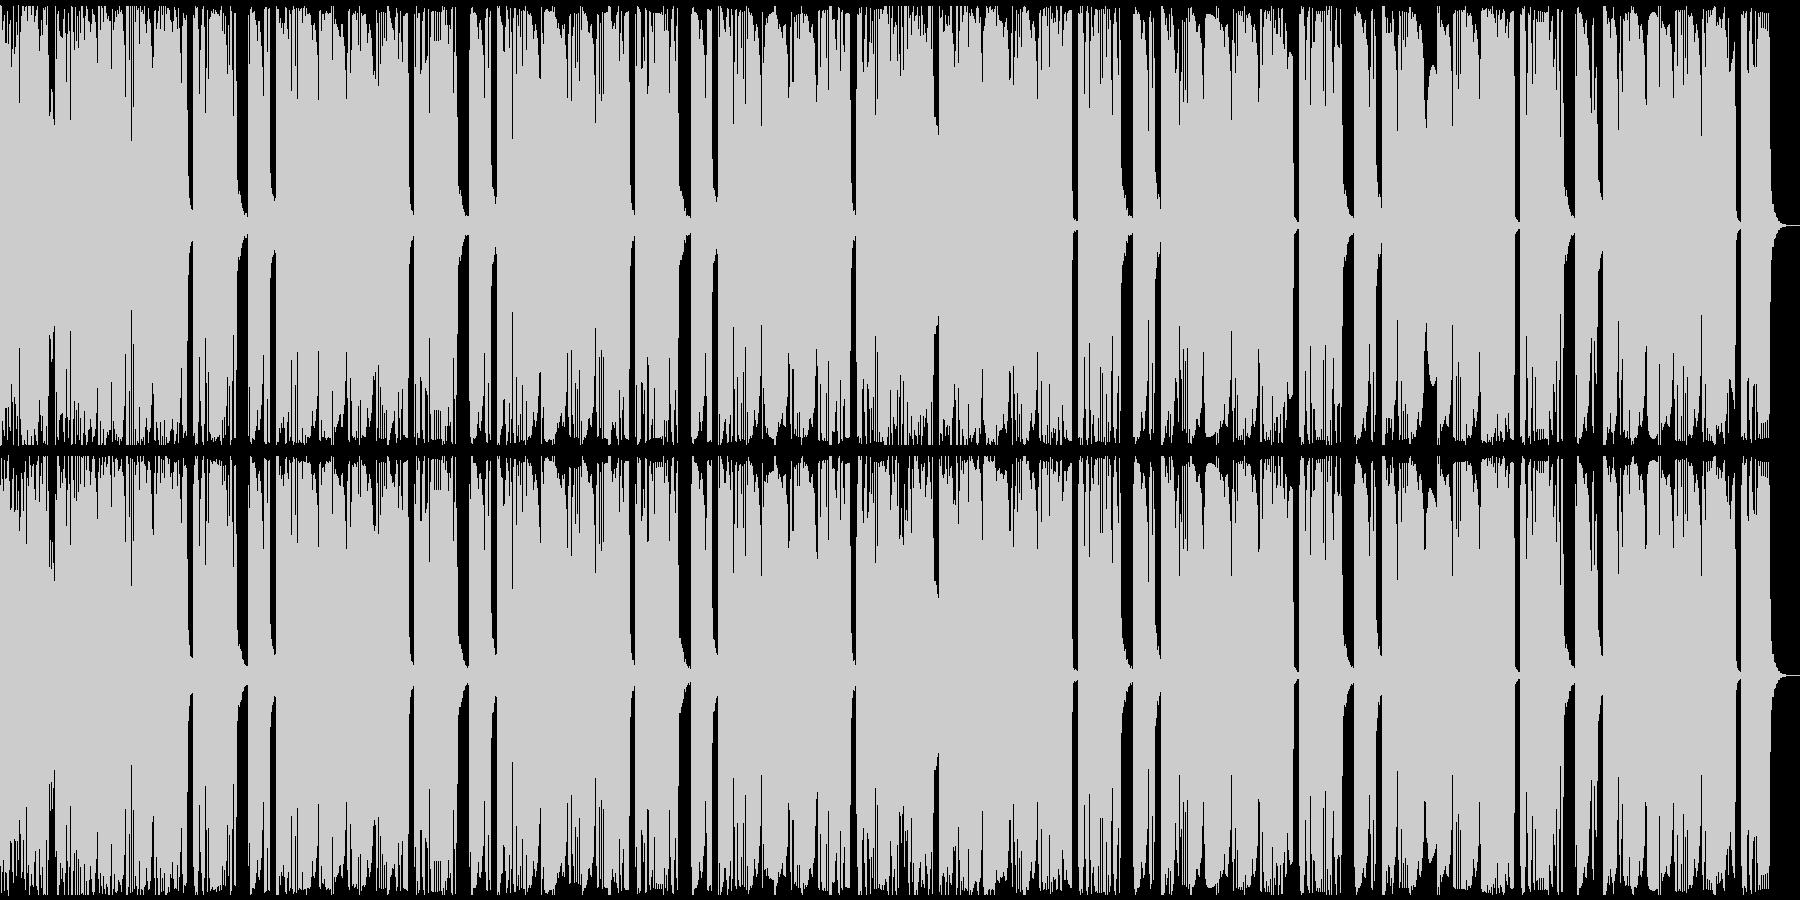 【アンビエント】ロング2、ジングル2の未再生の波形